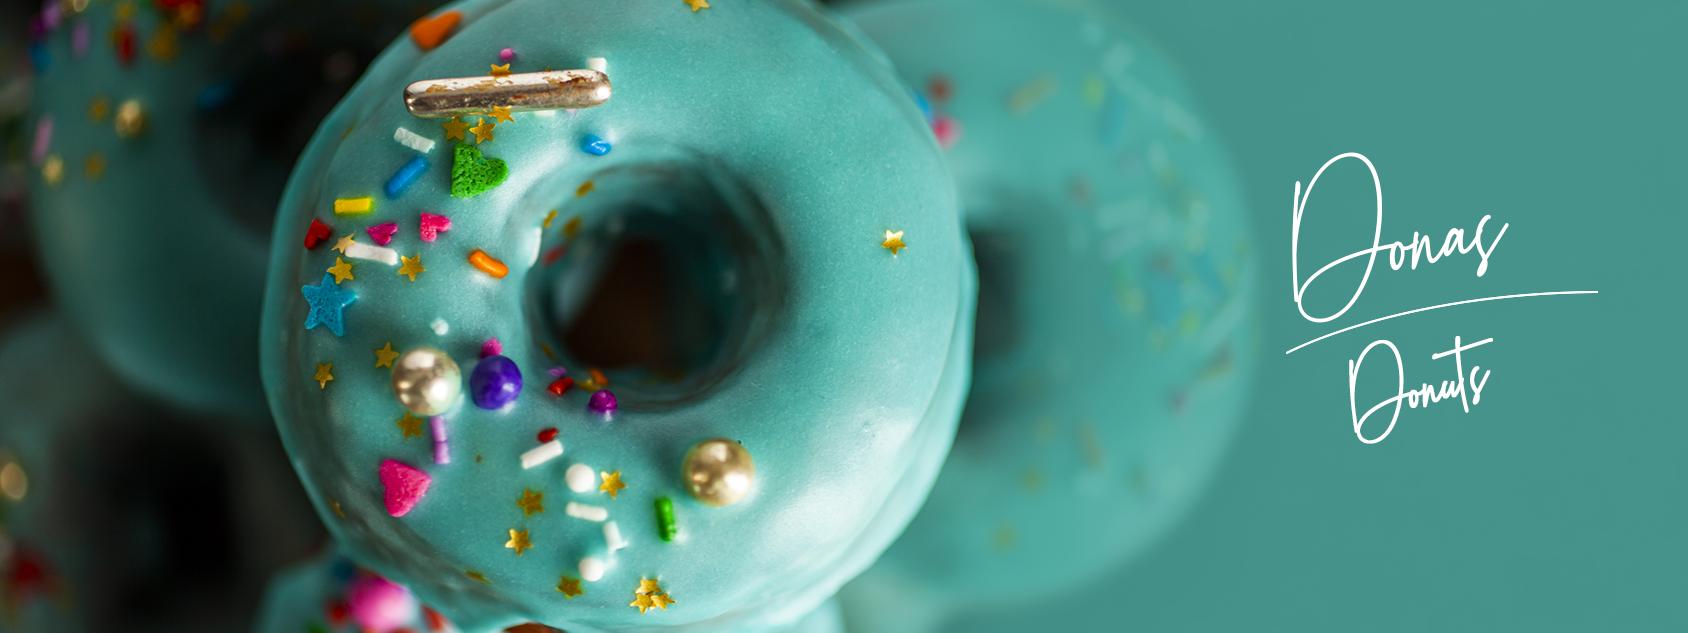 Donas - Donuts